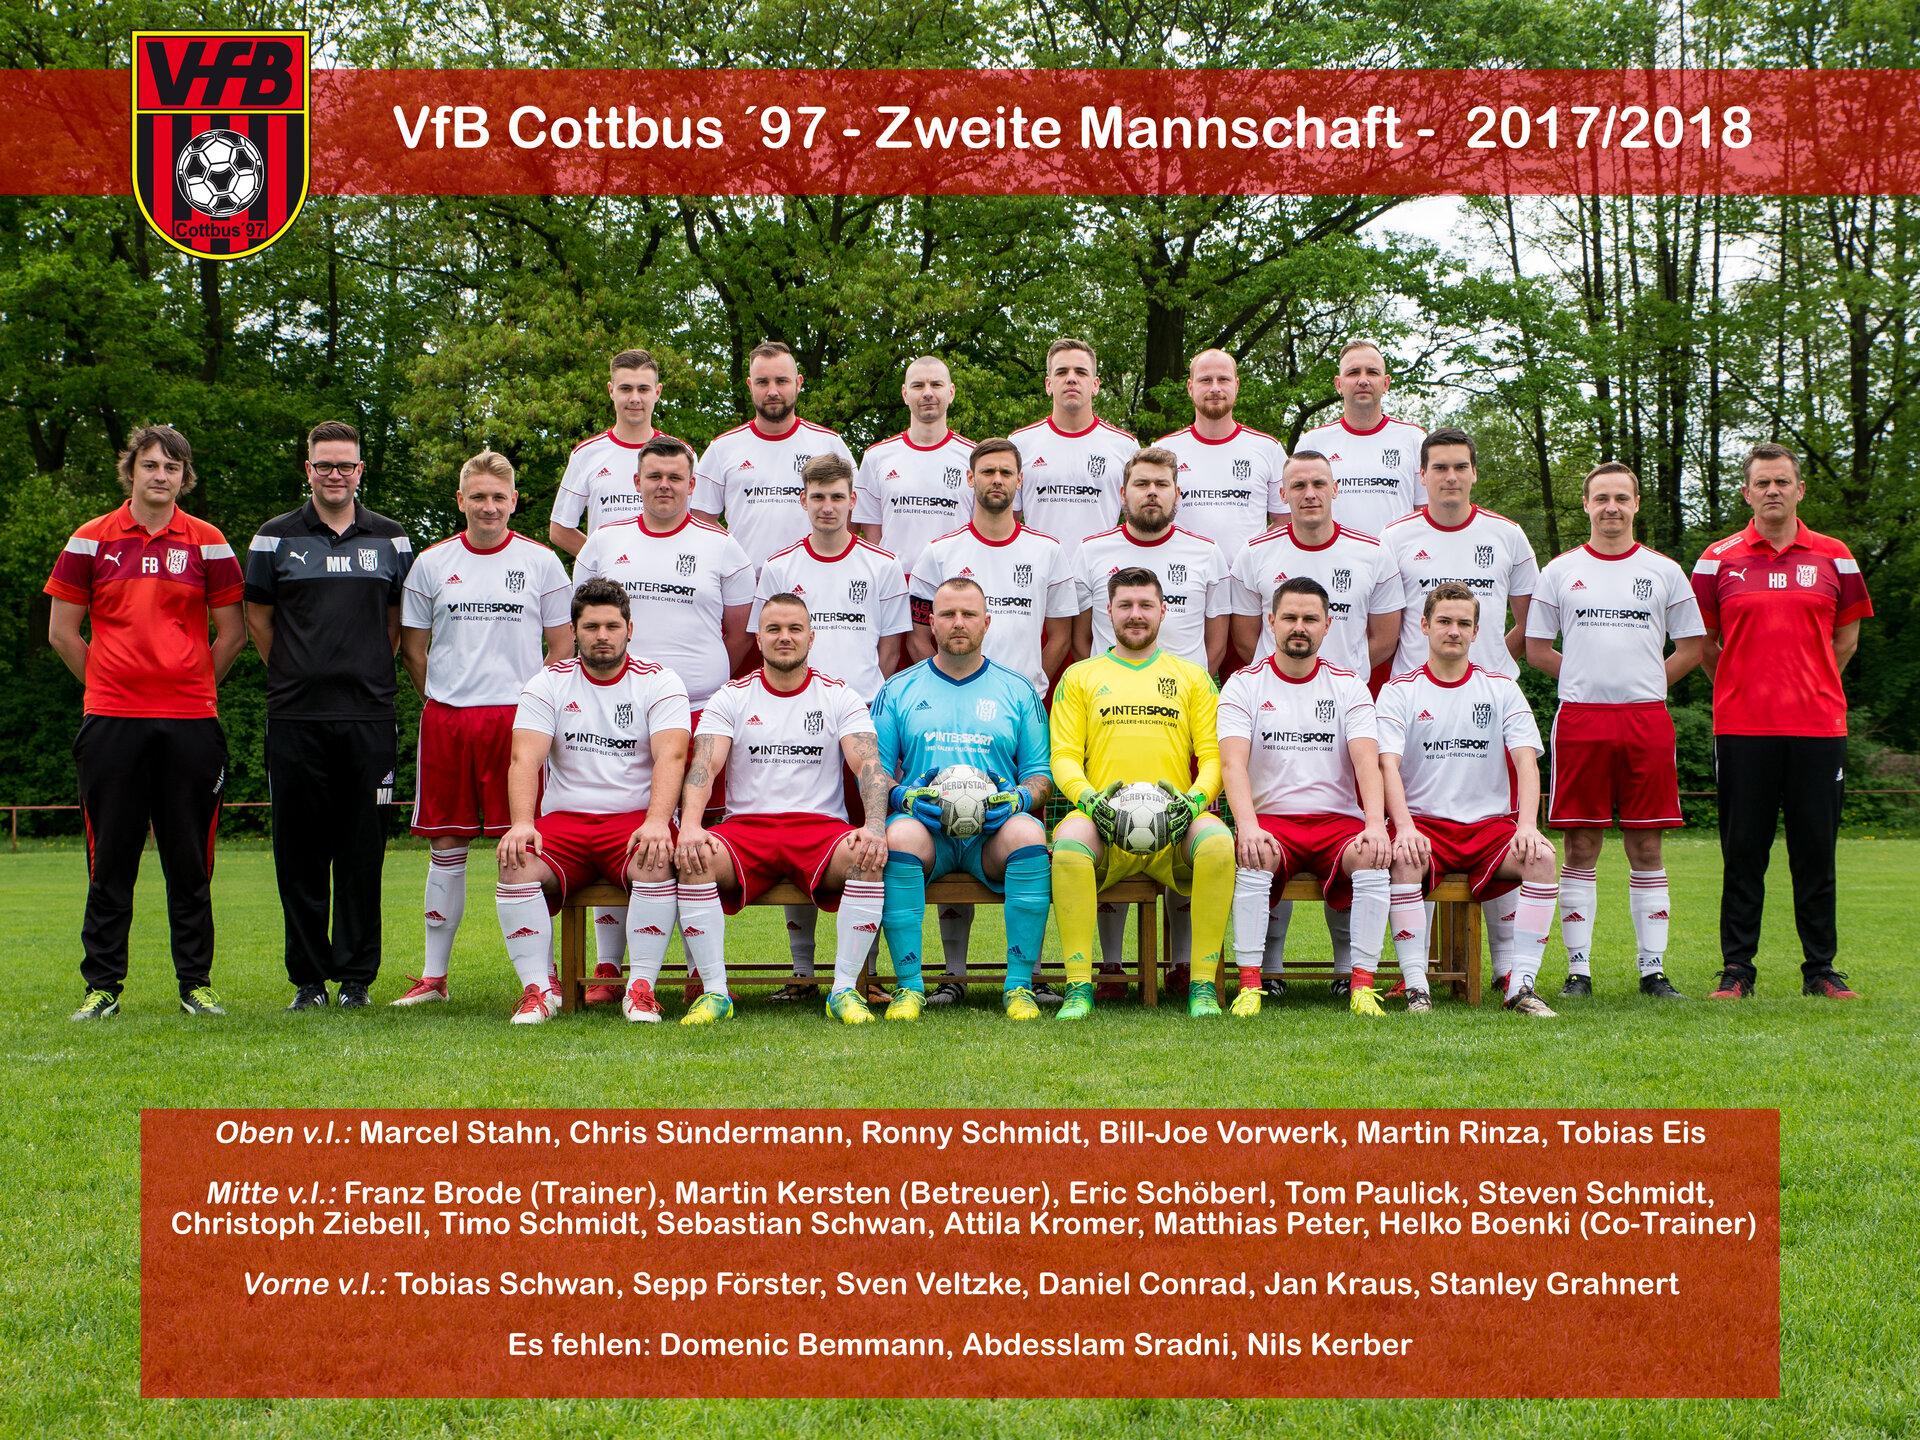 VfB Cottbus ´97 Zweite Mannschaft - 2017/2018